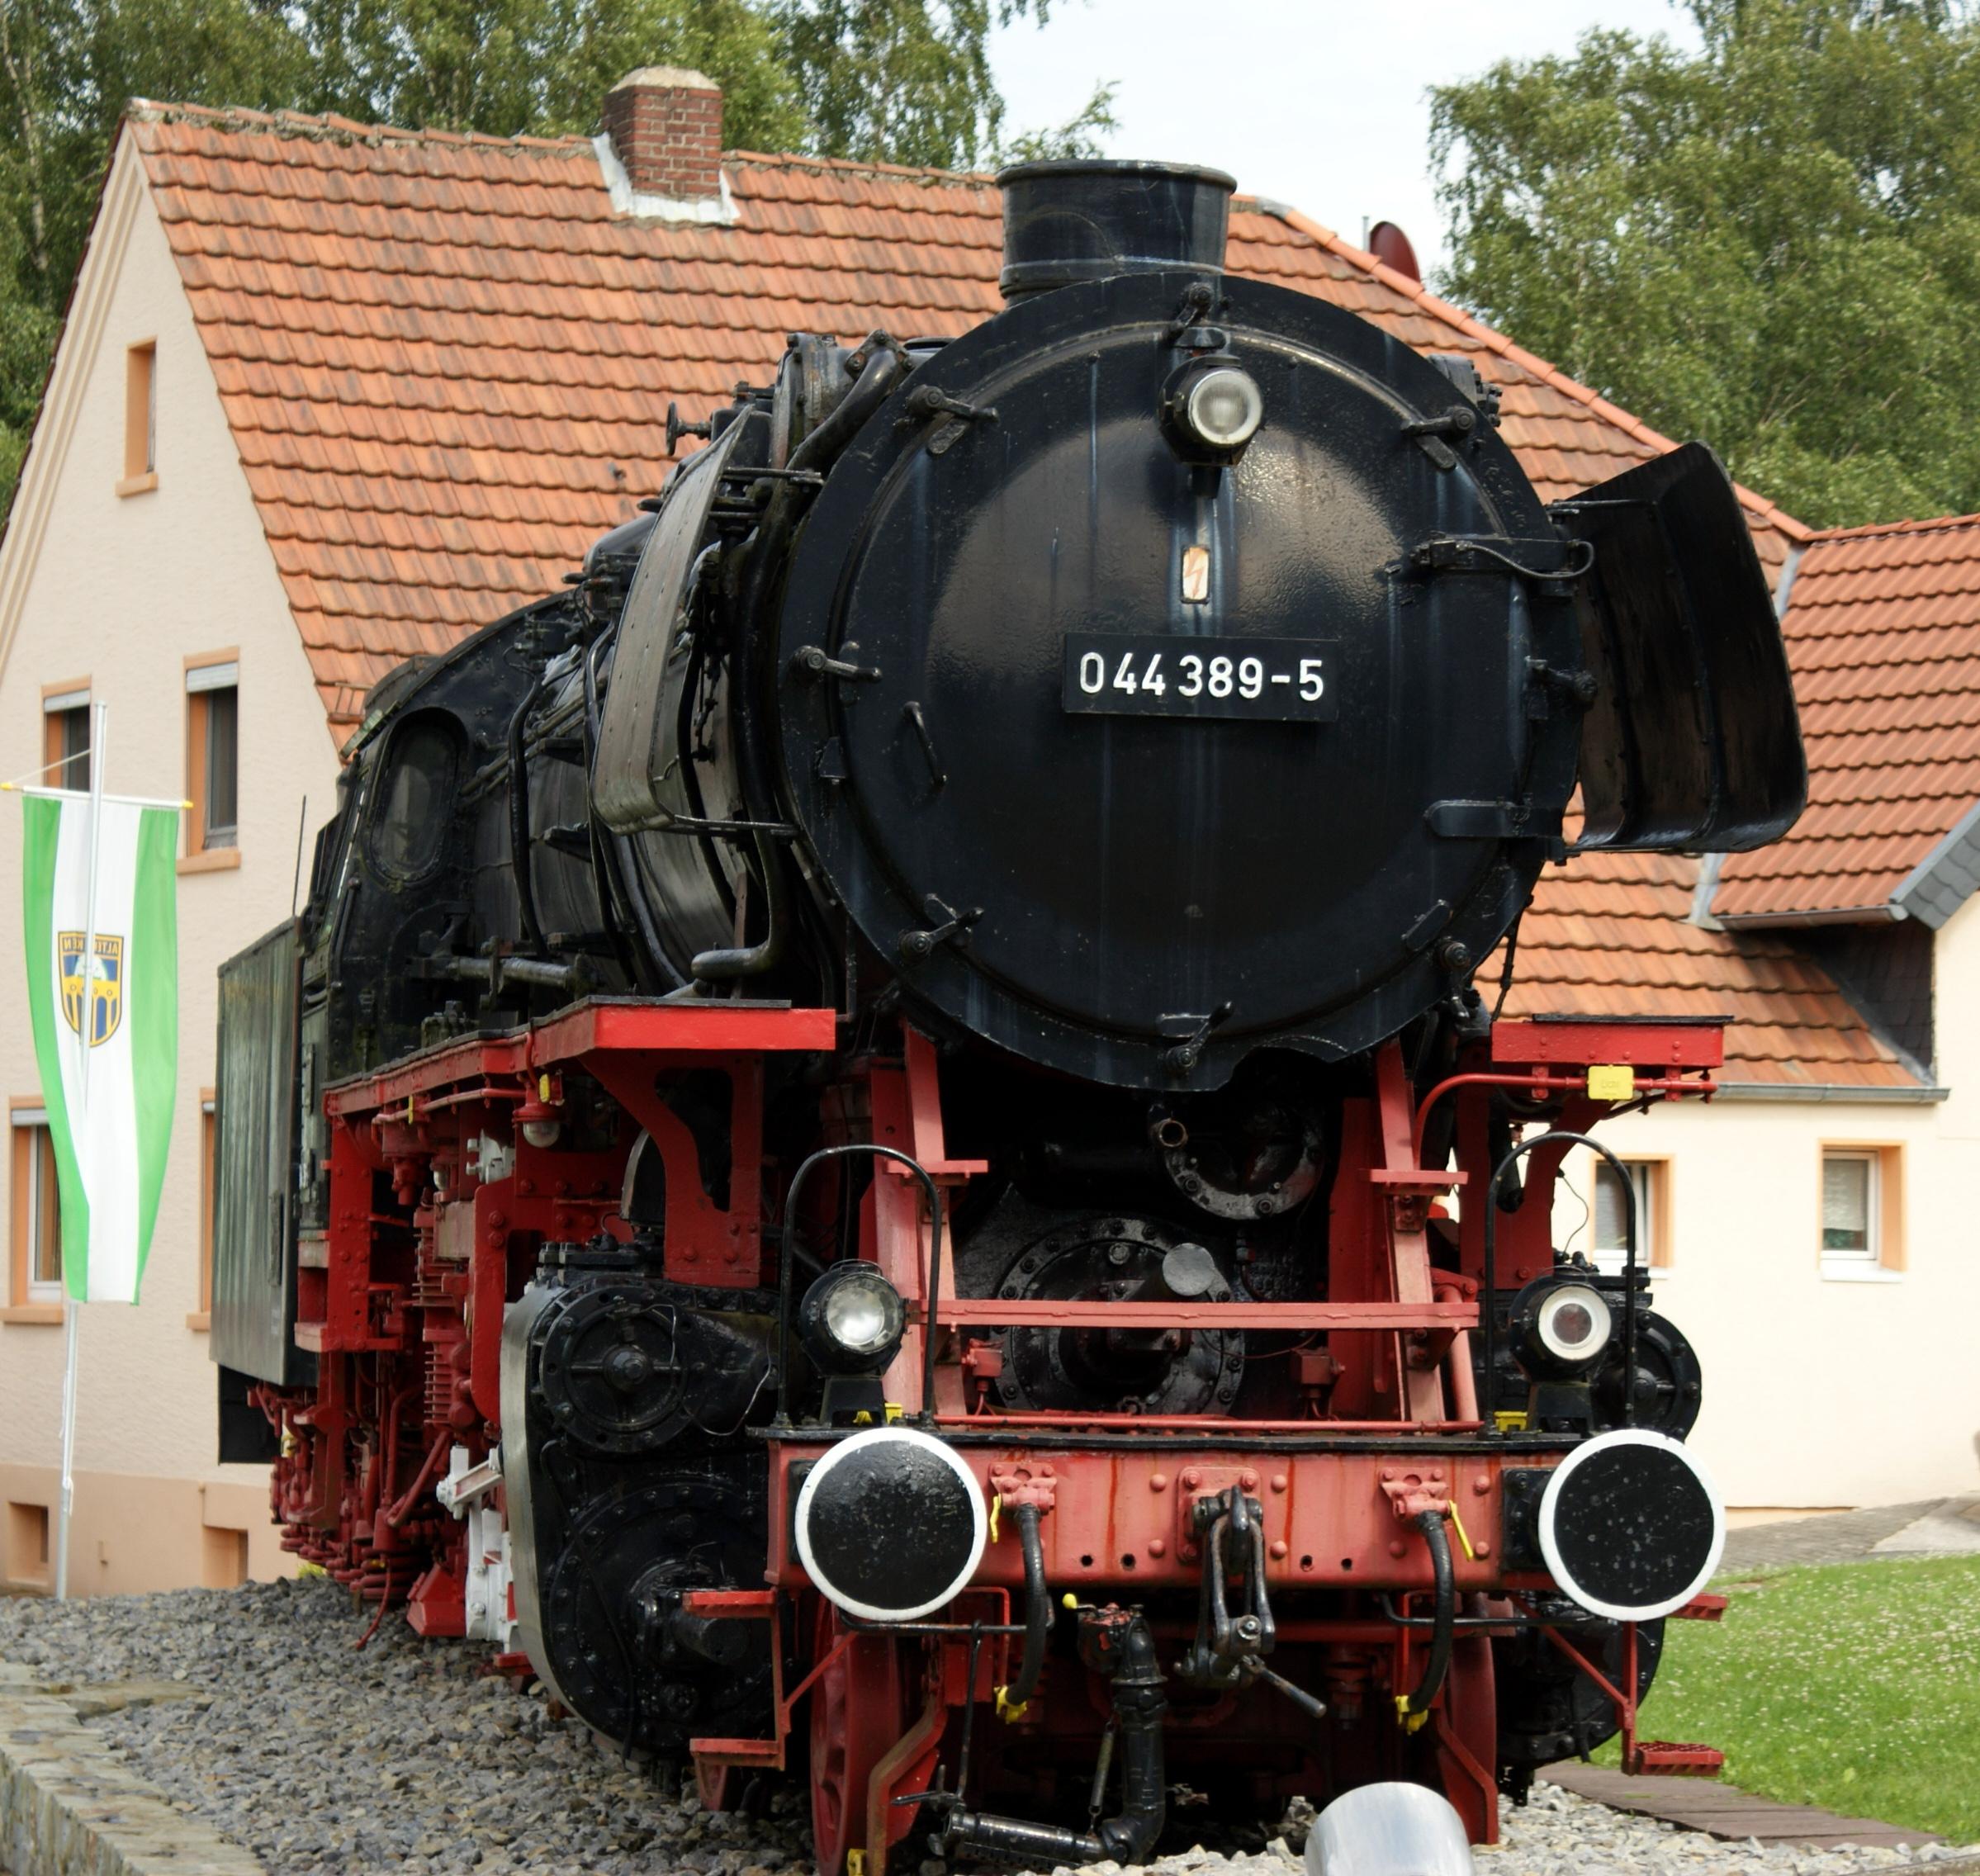 Denkmallok_Altenbeken_044_389-5_front.JPG